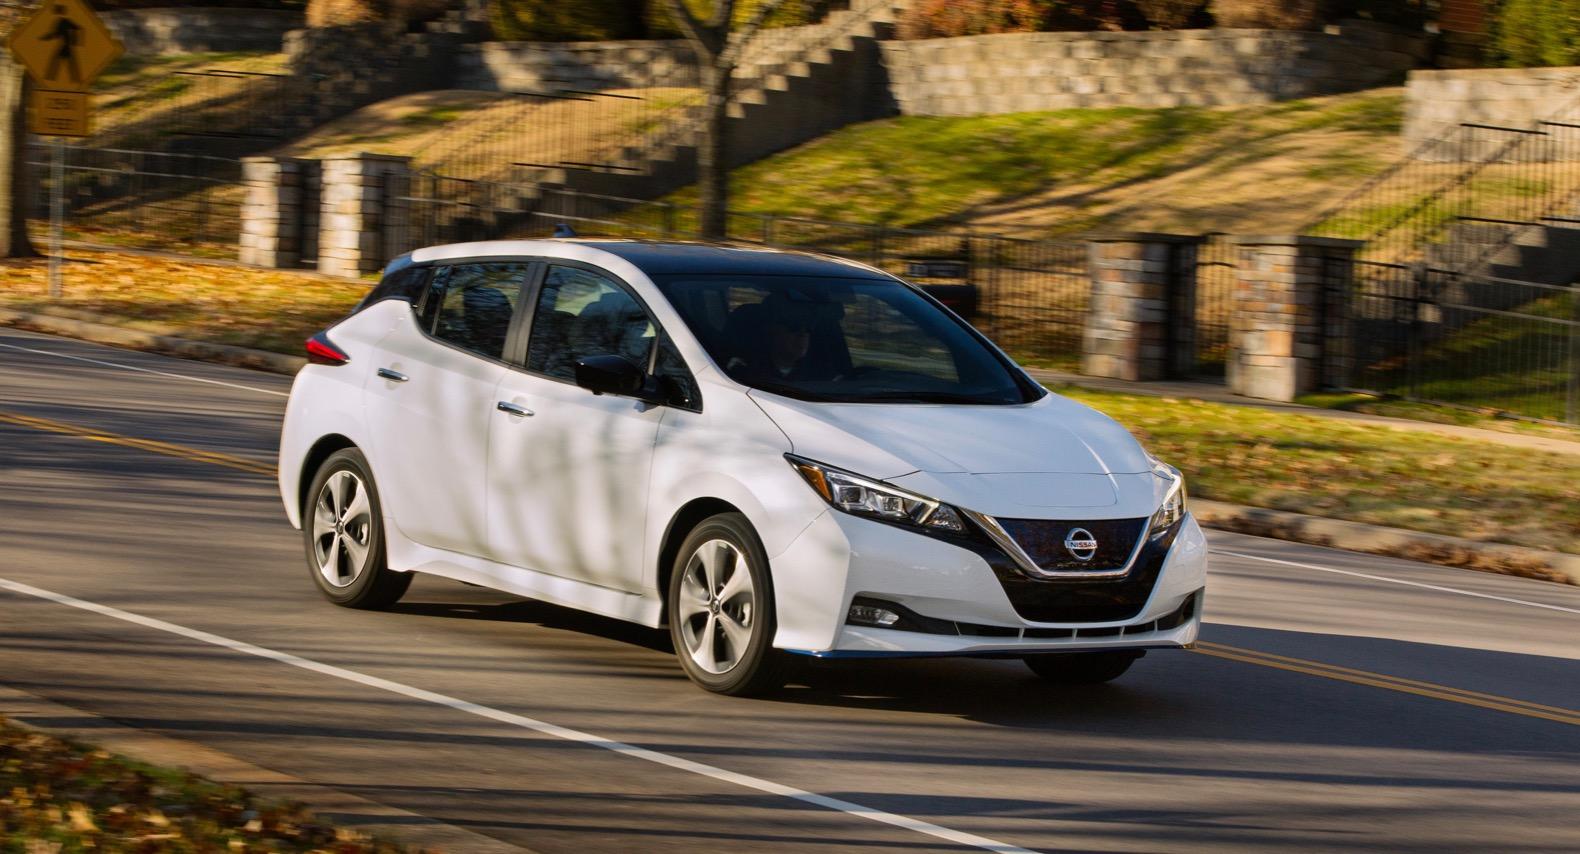 2020 nissan leaf gets standard driver assistance tech